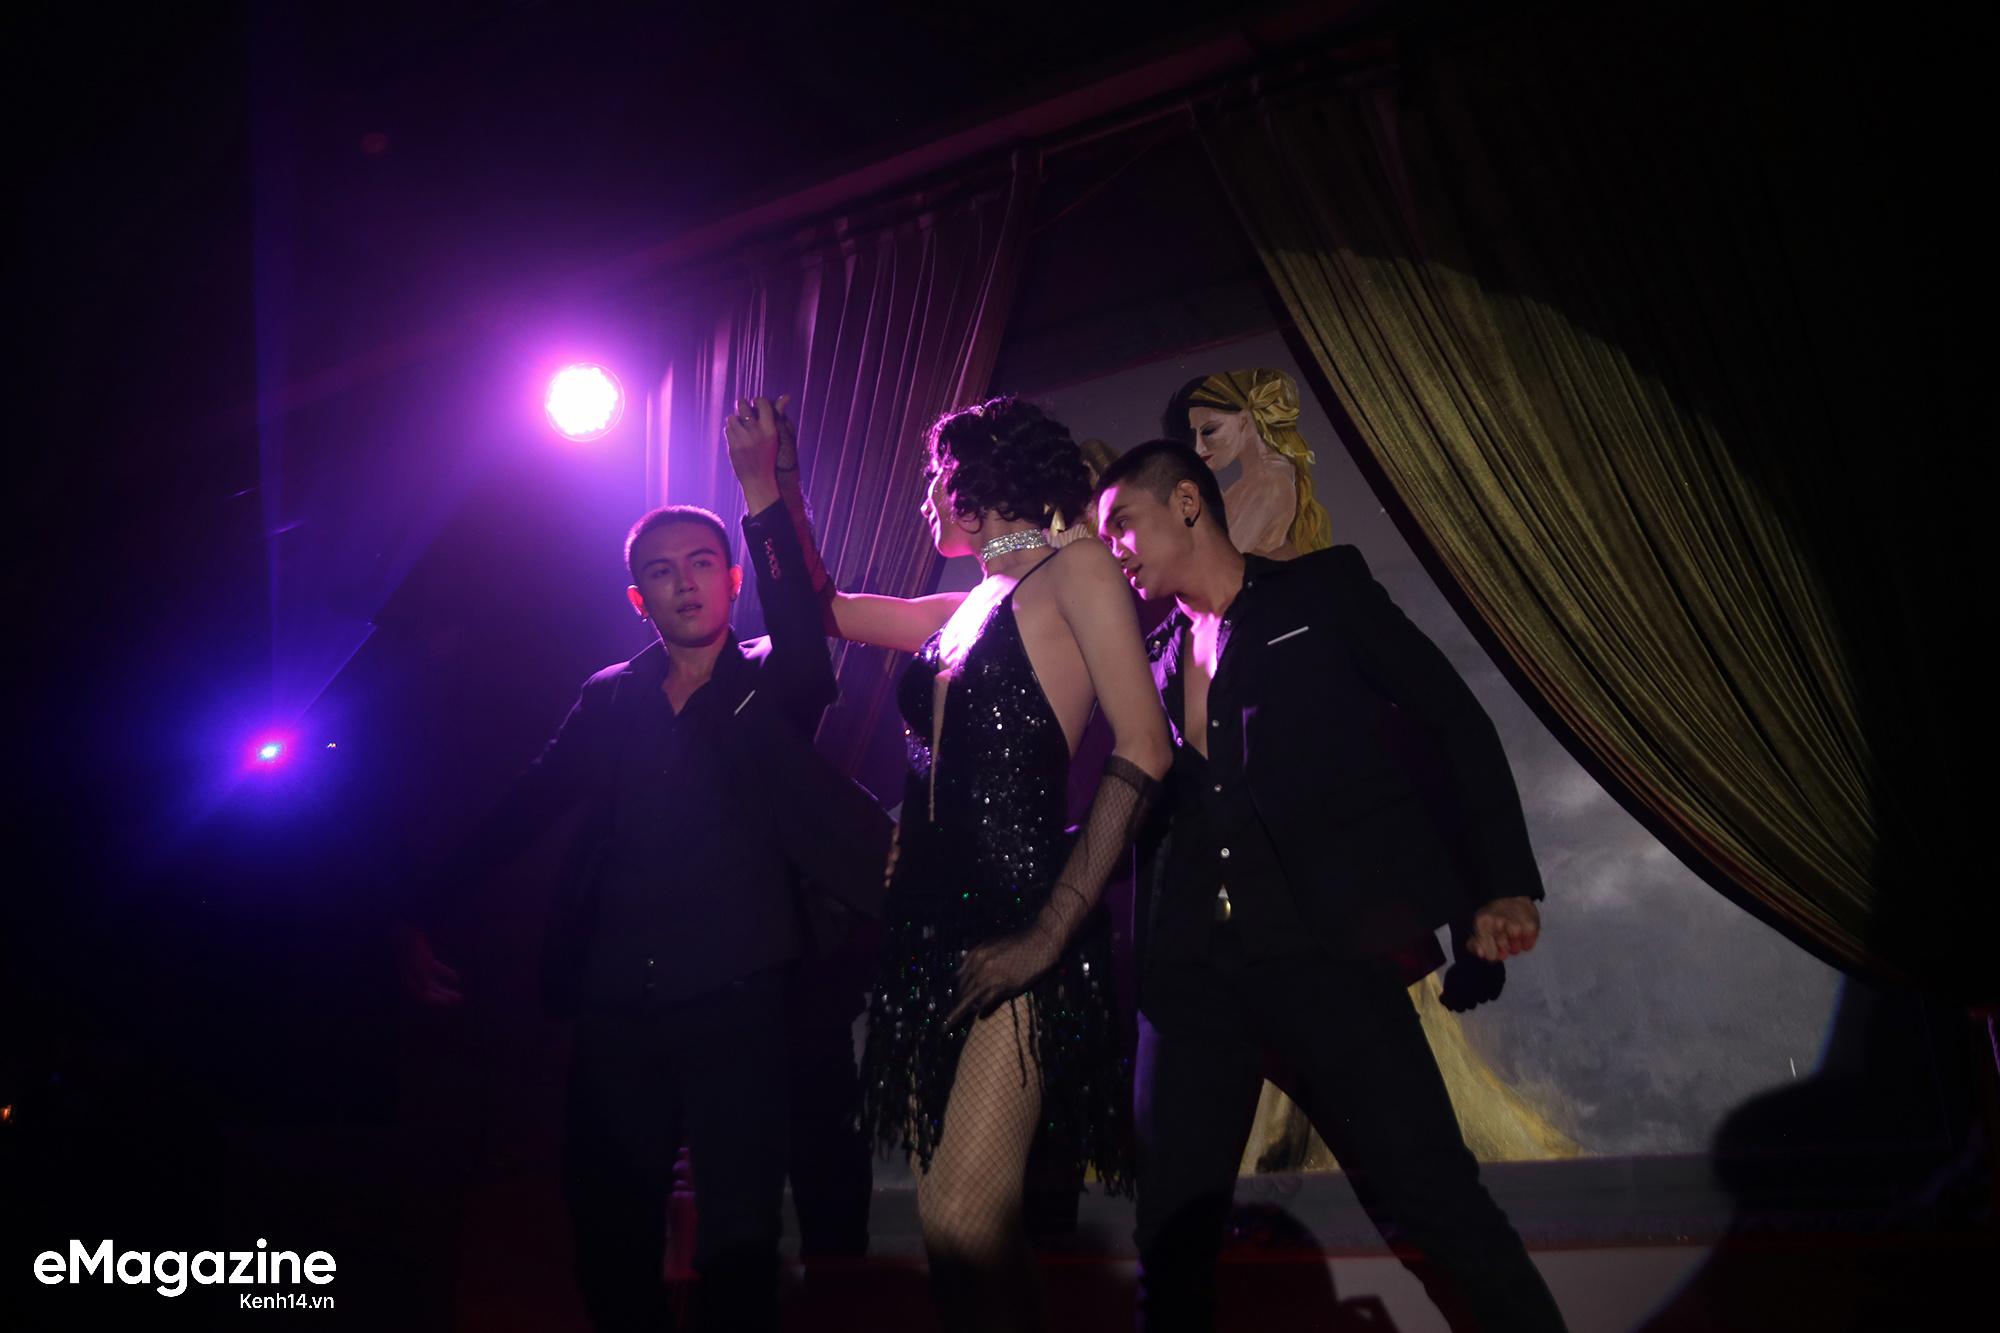 Sân khấu lúc 0h của những chàng trai hoá thân thành dàn sao nữ nổi tiếng trong các quán bar Sài Gòn - Ảnh 16.